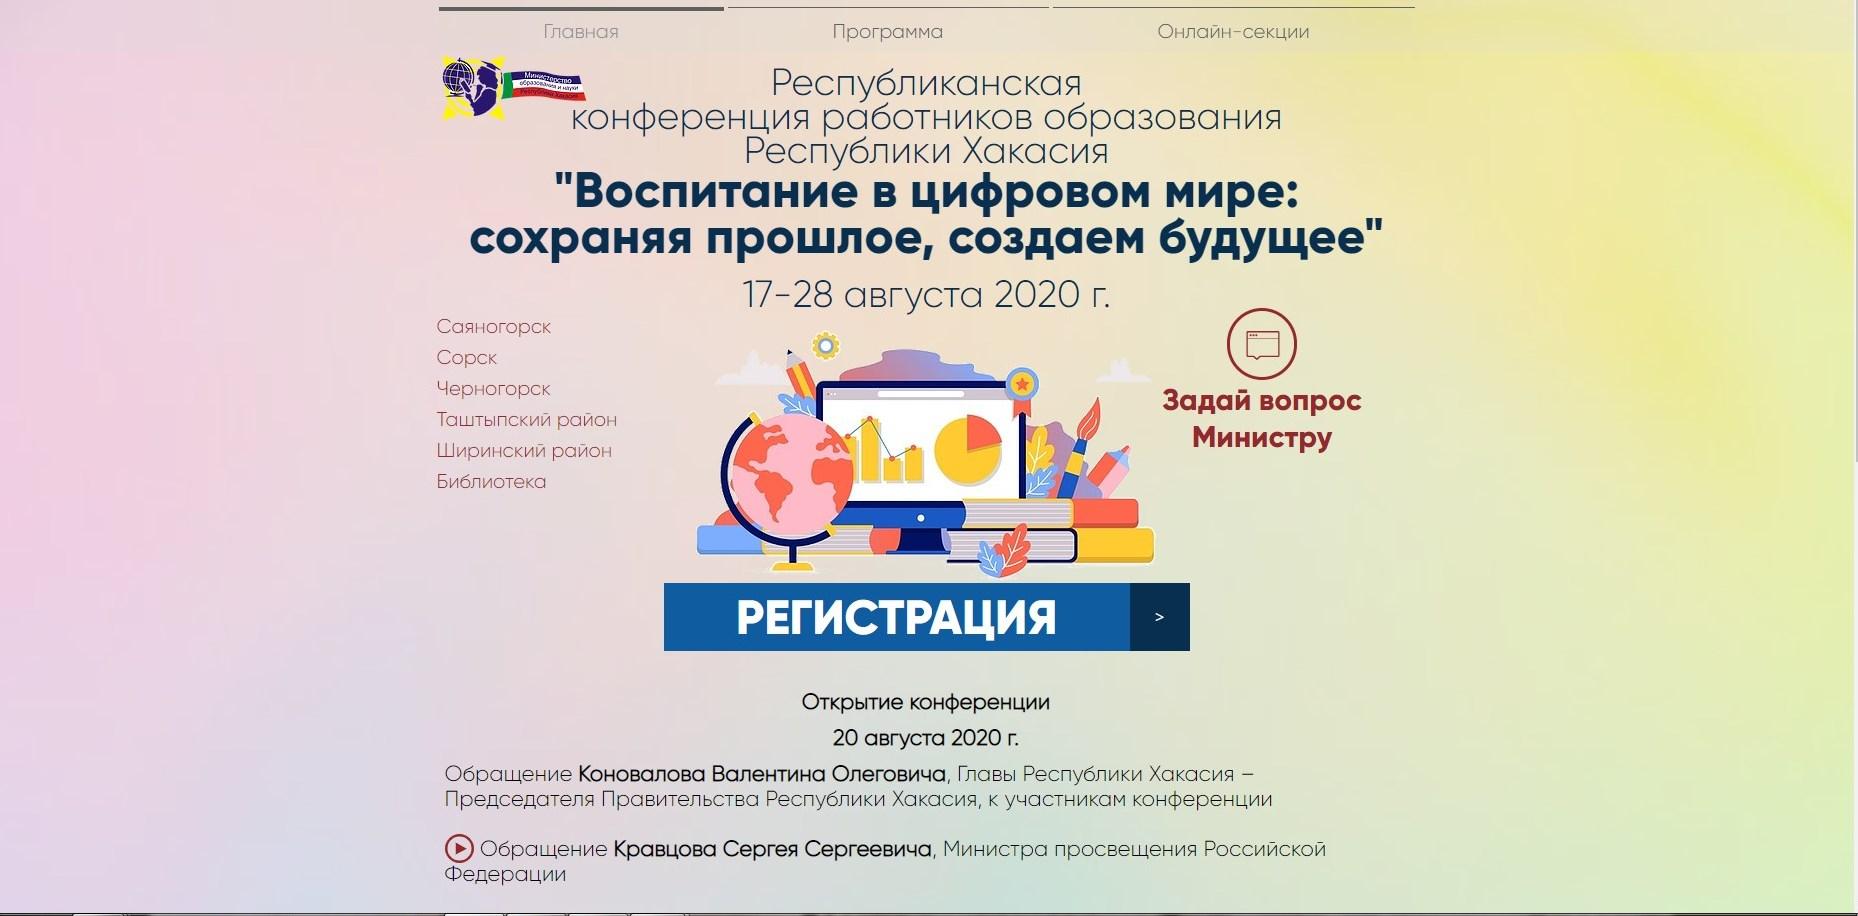 Задай вопрос министру образования и науки Республики Хакасия